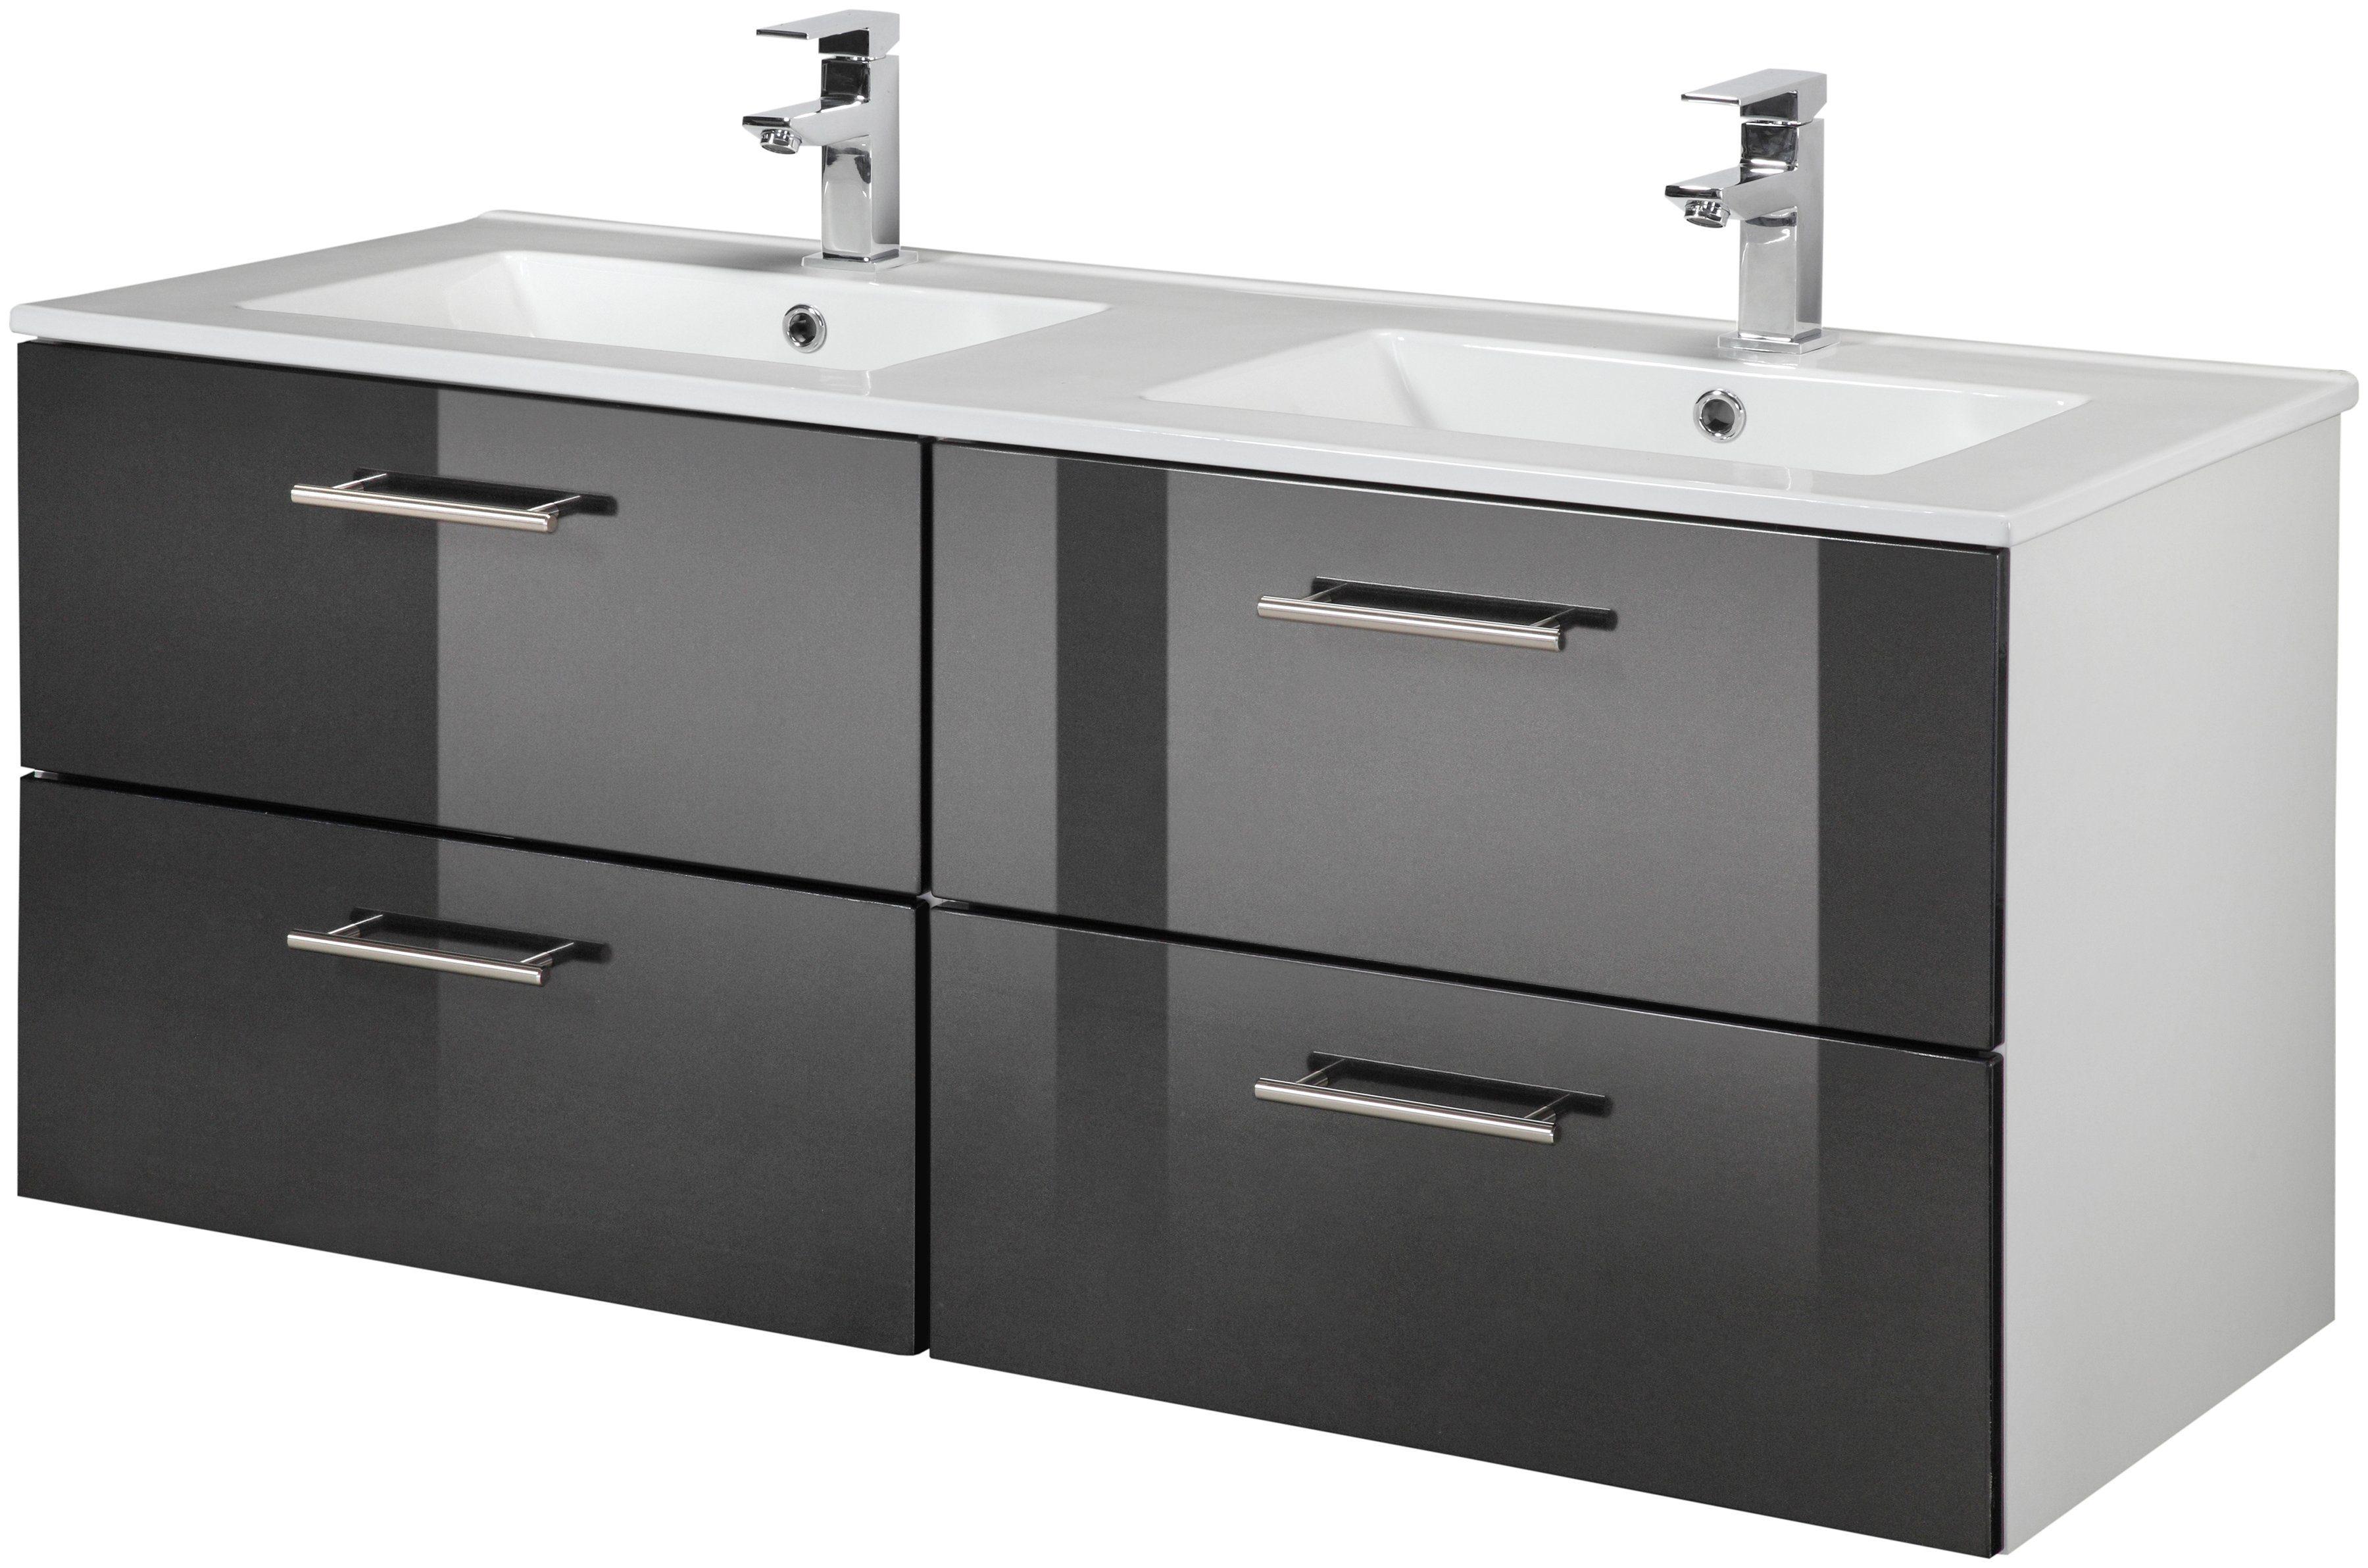 Waschtisch Trento Breite 120 cm Doppelwaschtisch  Doppelwaschbecken 2tlg online kaufen